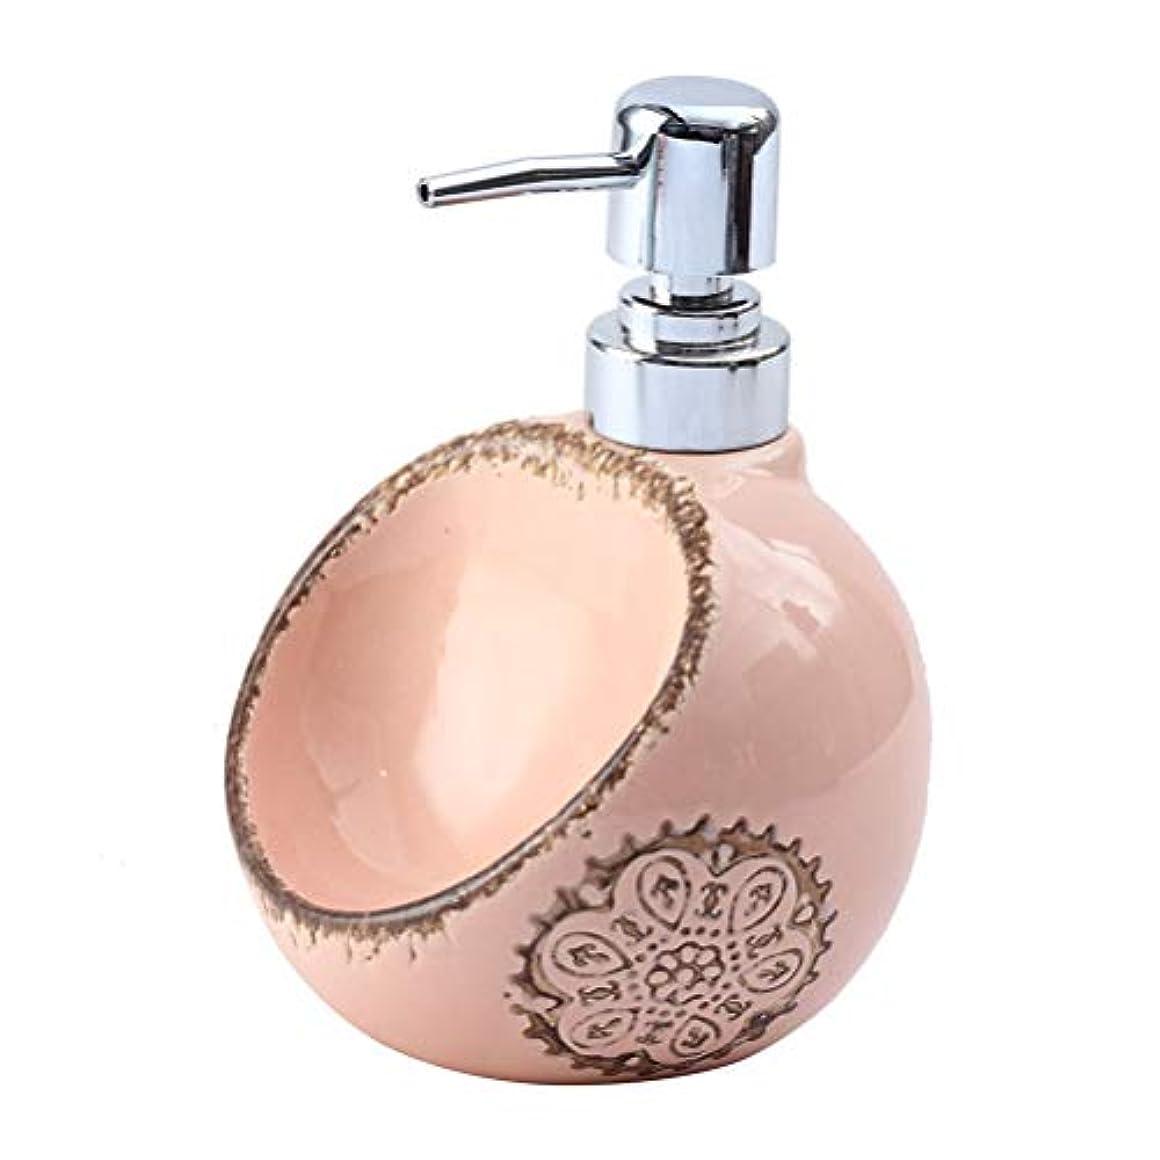 遅滞古いいらいらする250ML / 420ML / 580MLクリエイティブセラミックソープディスペンサーデュアルユース洗剤ハンドスポンジシート浴ボトルサブ瓶と瓶消毒 (Size : A)